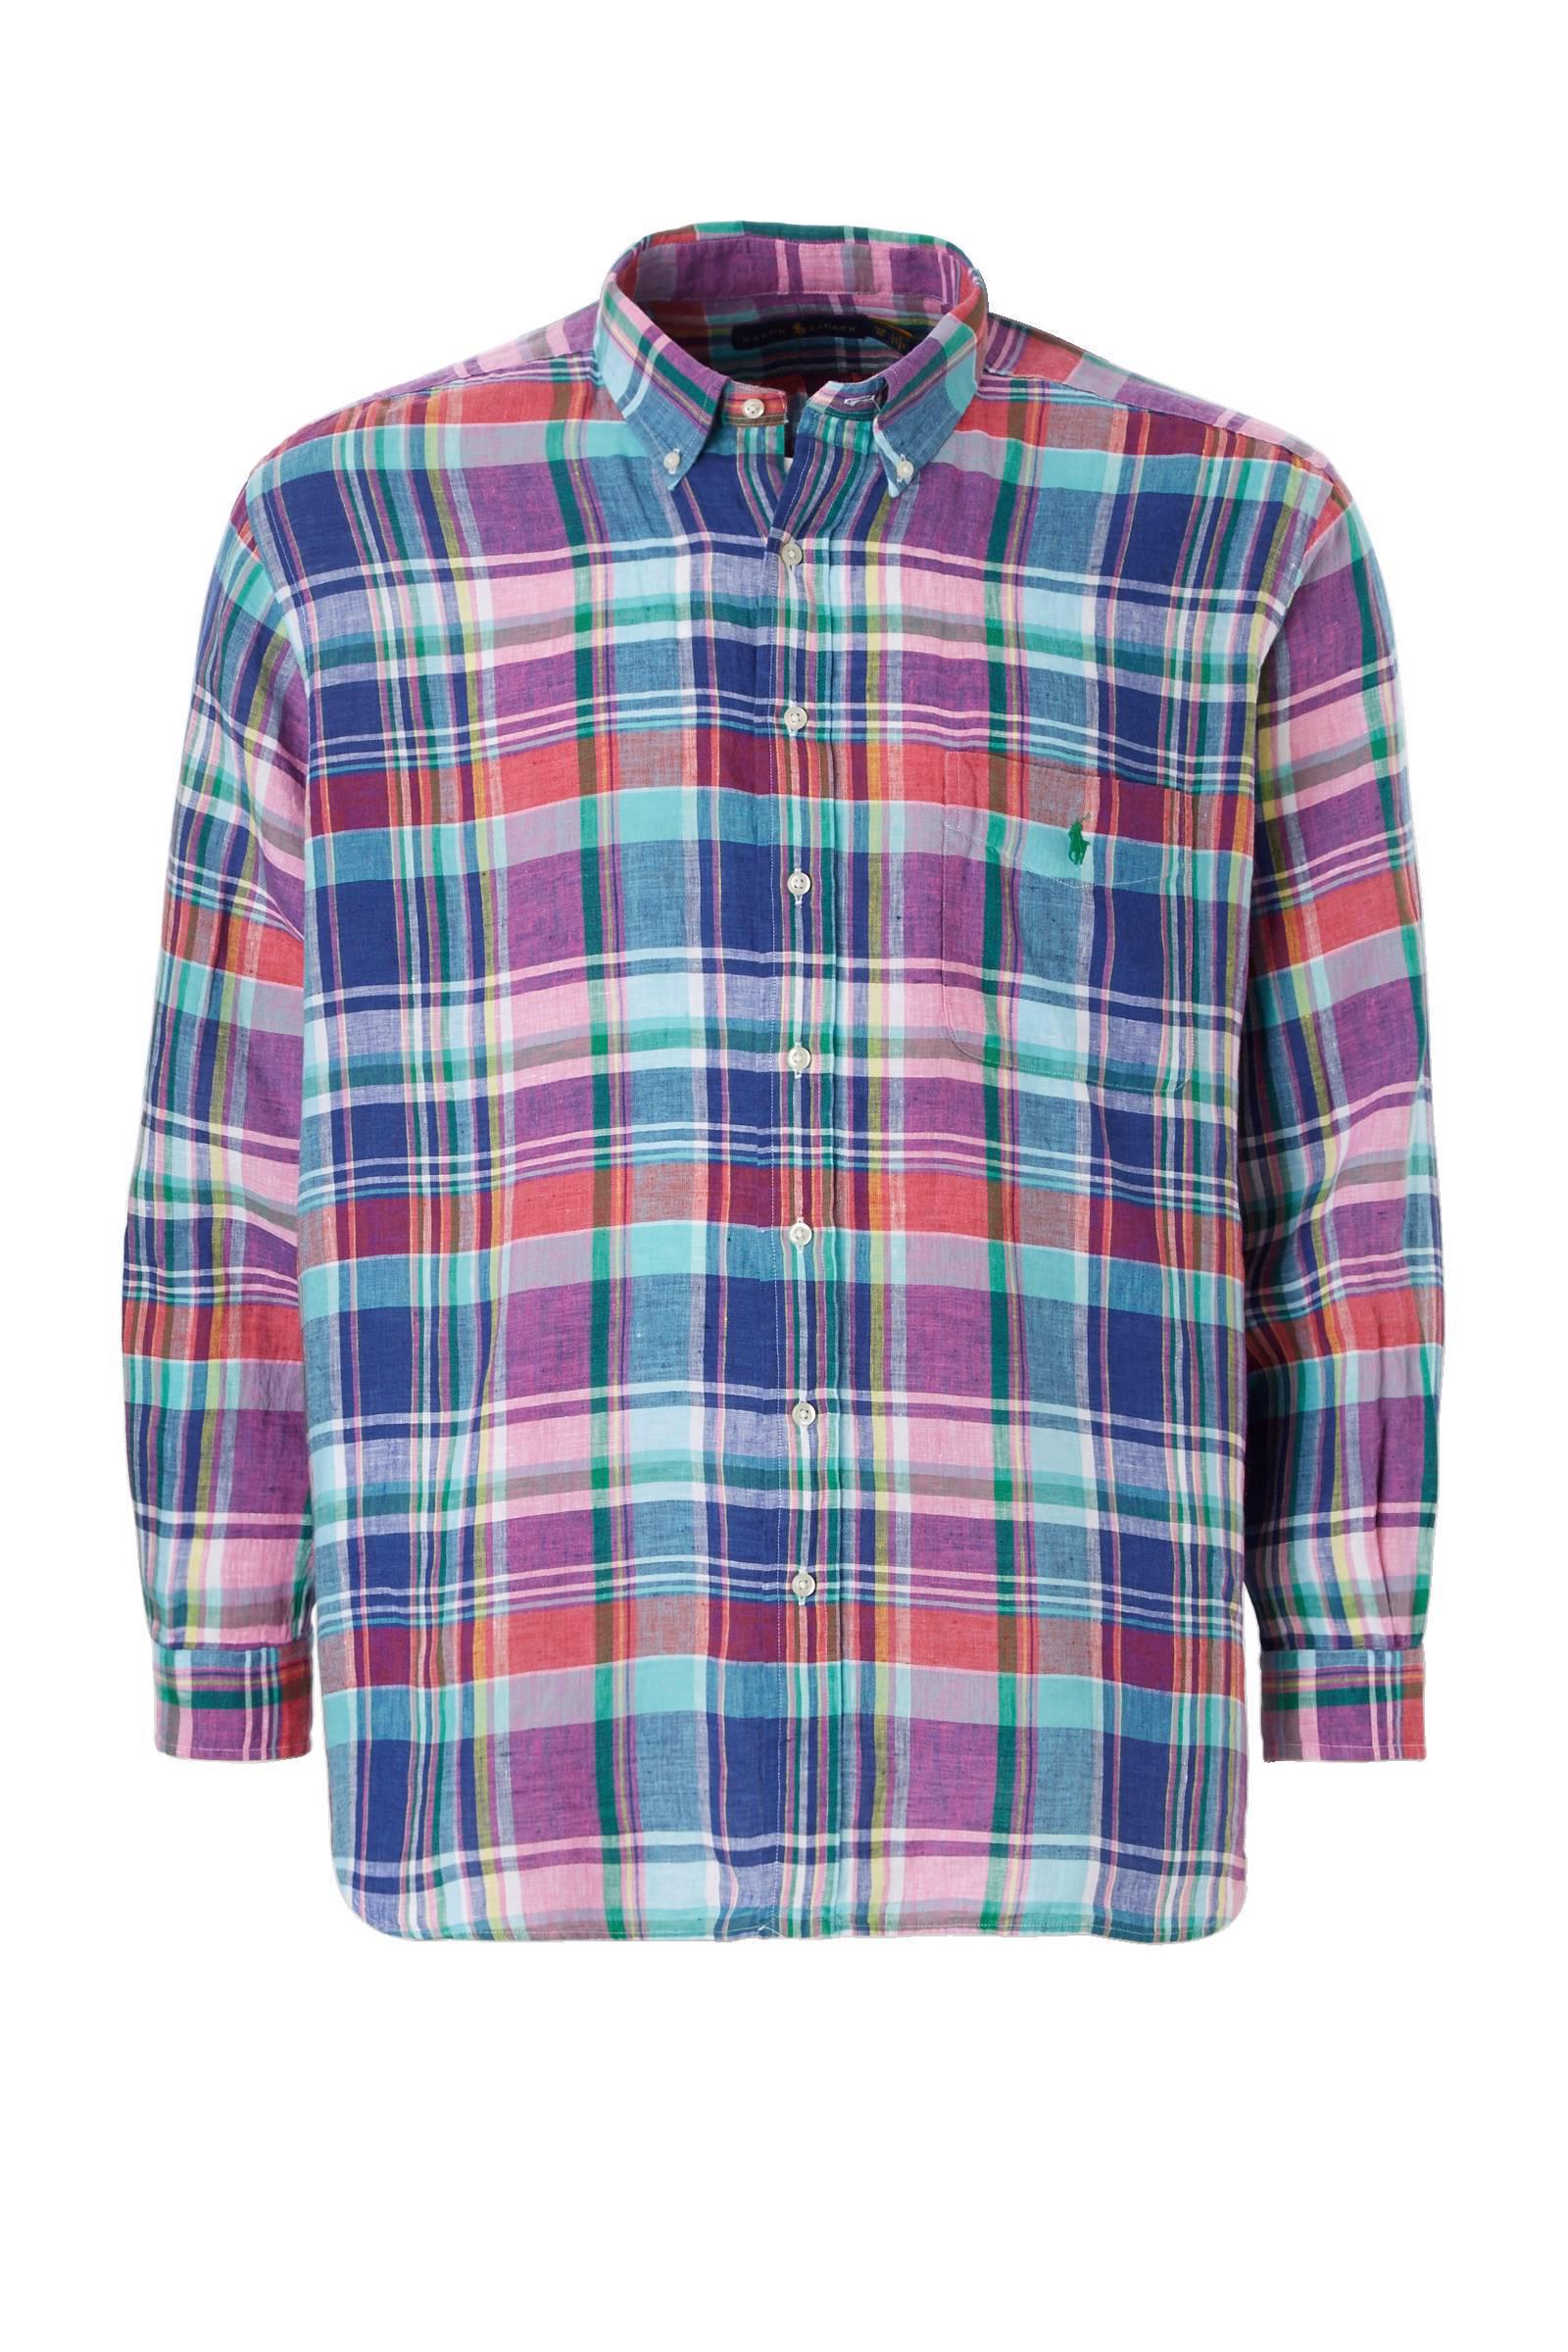 POLO Ralph Lauren Big & Tall +size regular fit overhemd (heren)